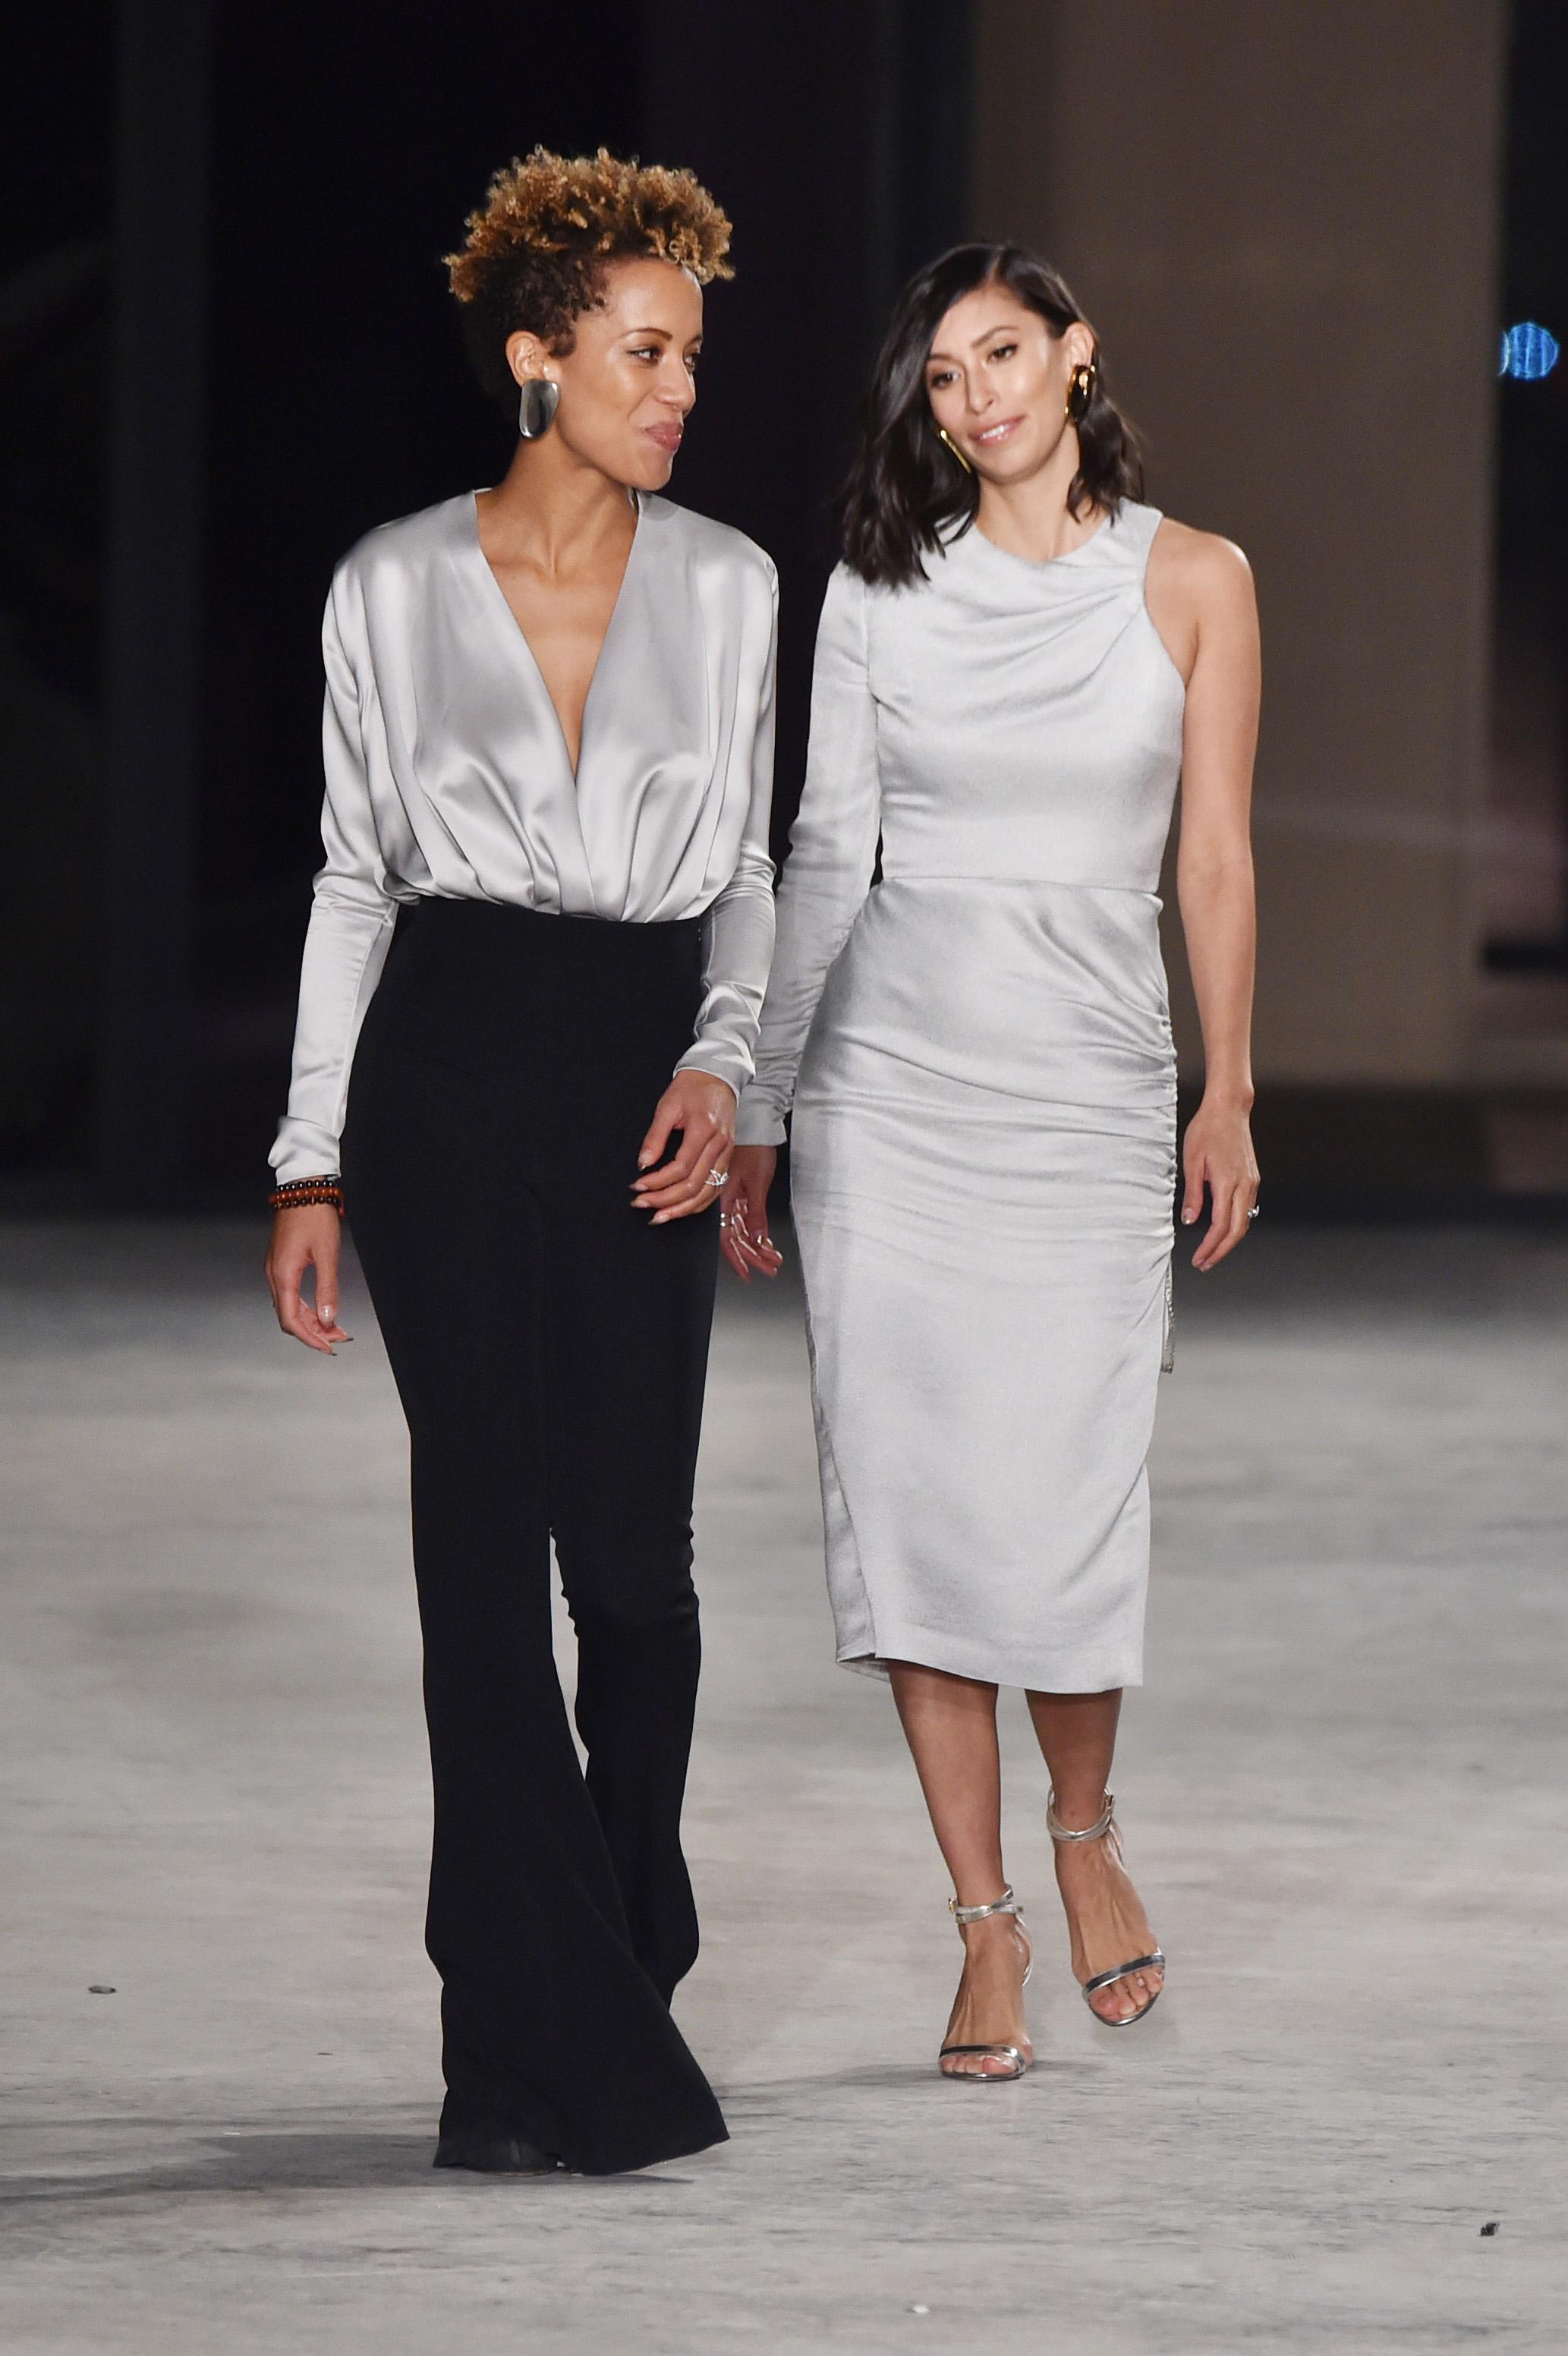 Michelle Ochs and Carly CushnieCushnie Et Ochs show, Runway, Fall Winter 2018, New York Fashion Week, USA - 09 Feb 2018